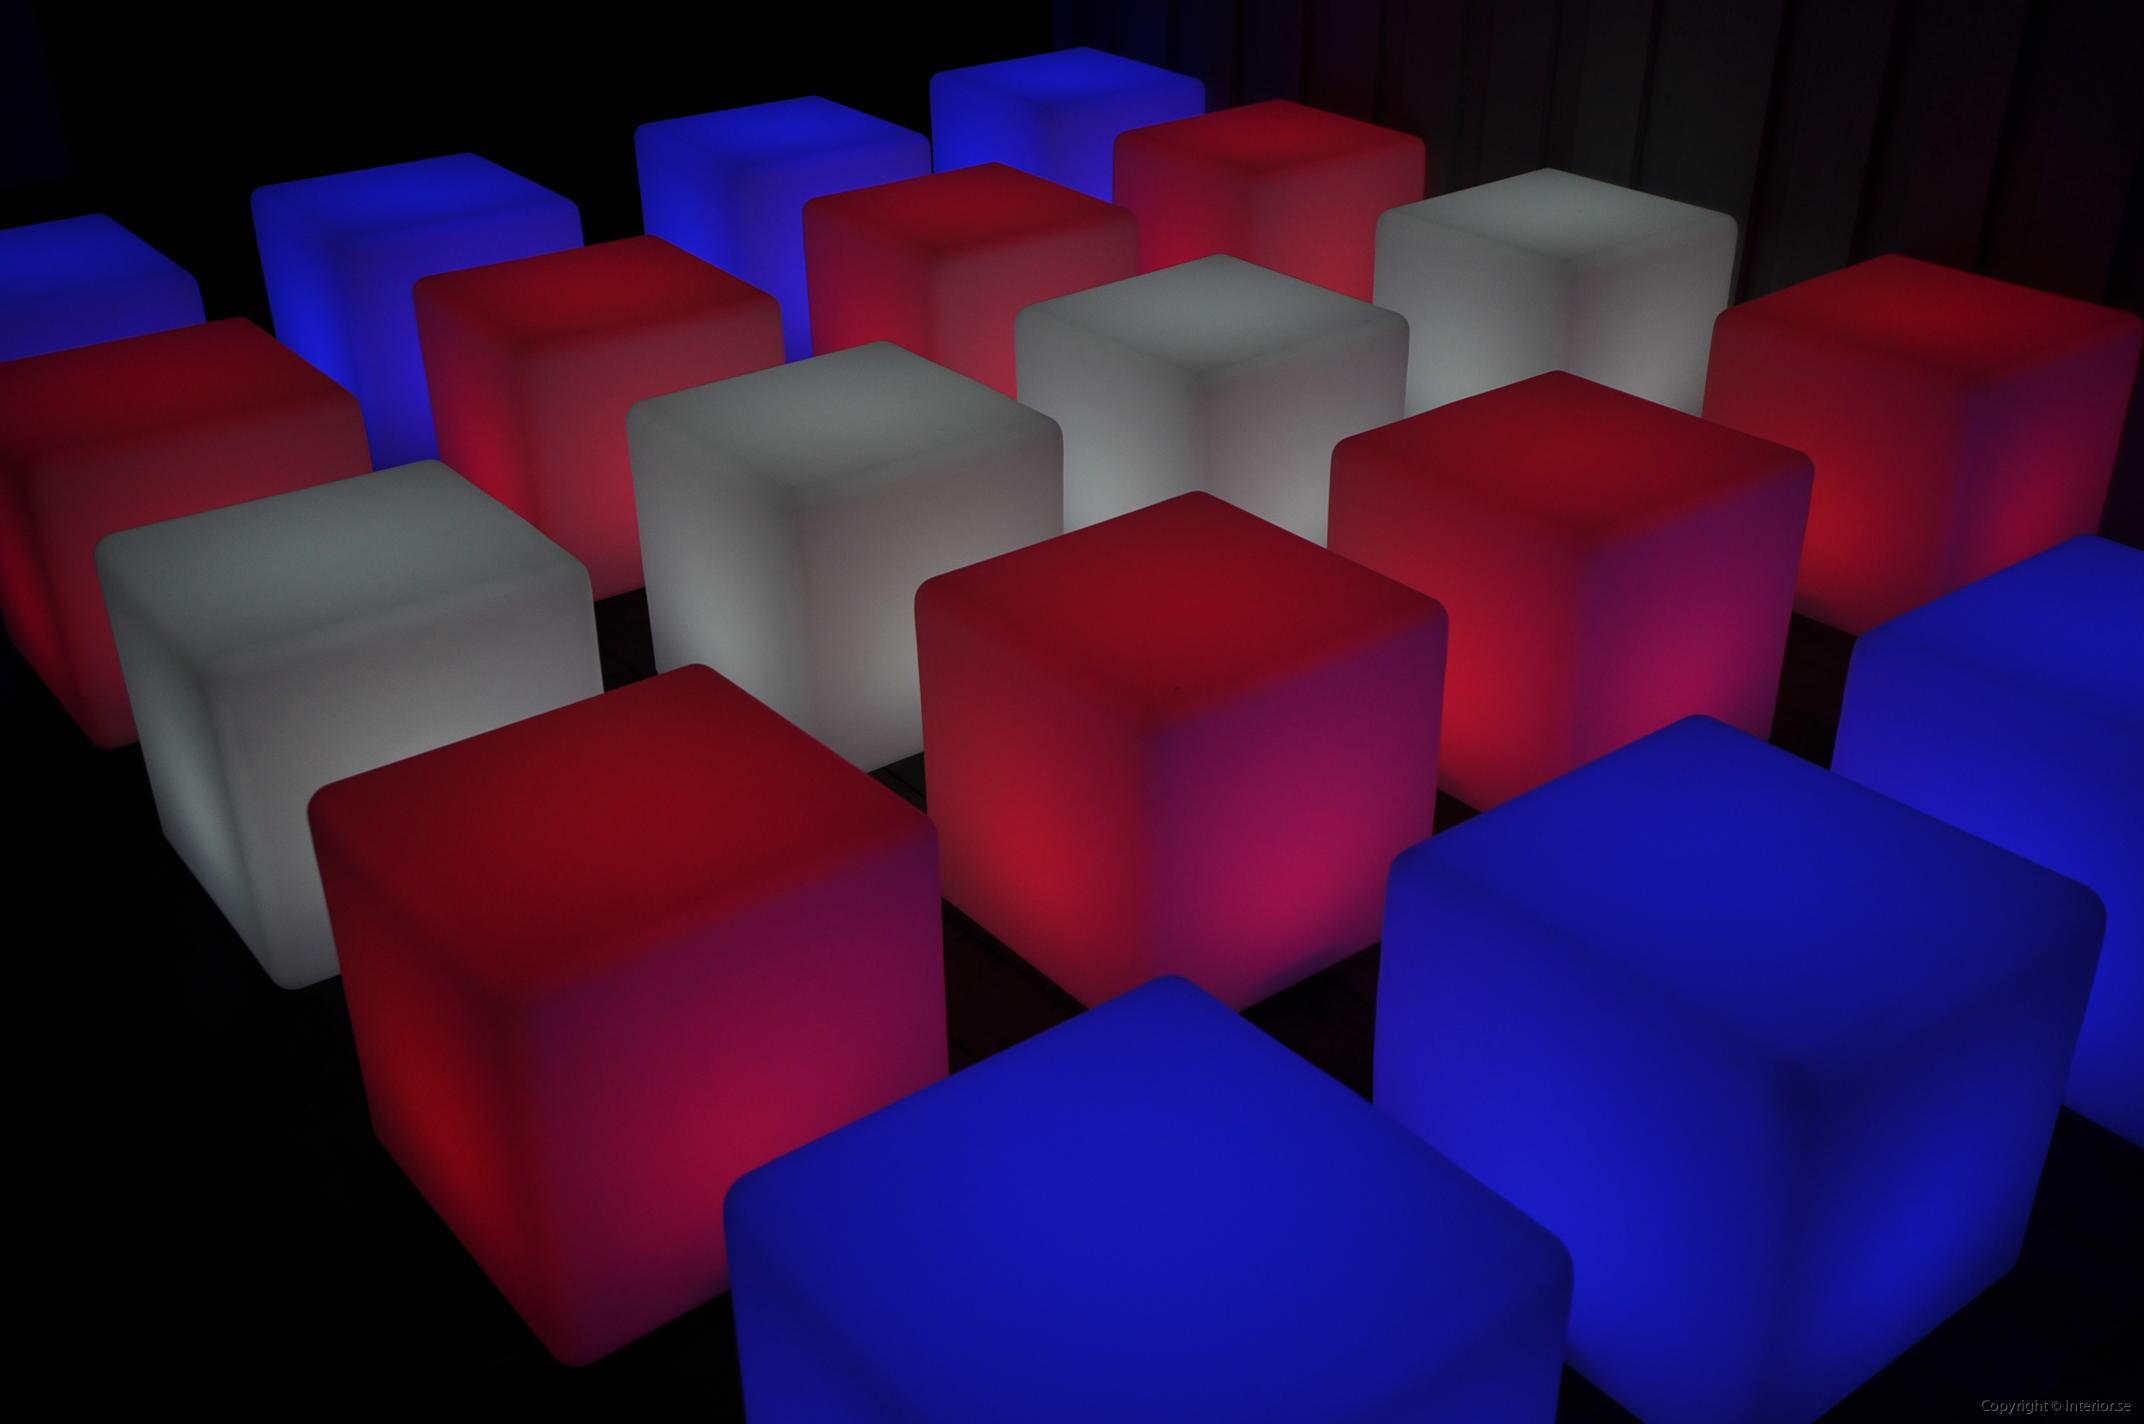 Hyra led möbler ledmöbler stockholm event möbler hyr möbler stockholm event led furniture hire stockholm (22)